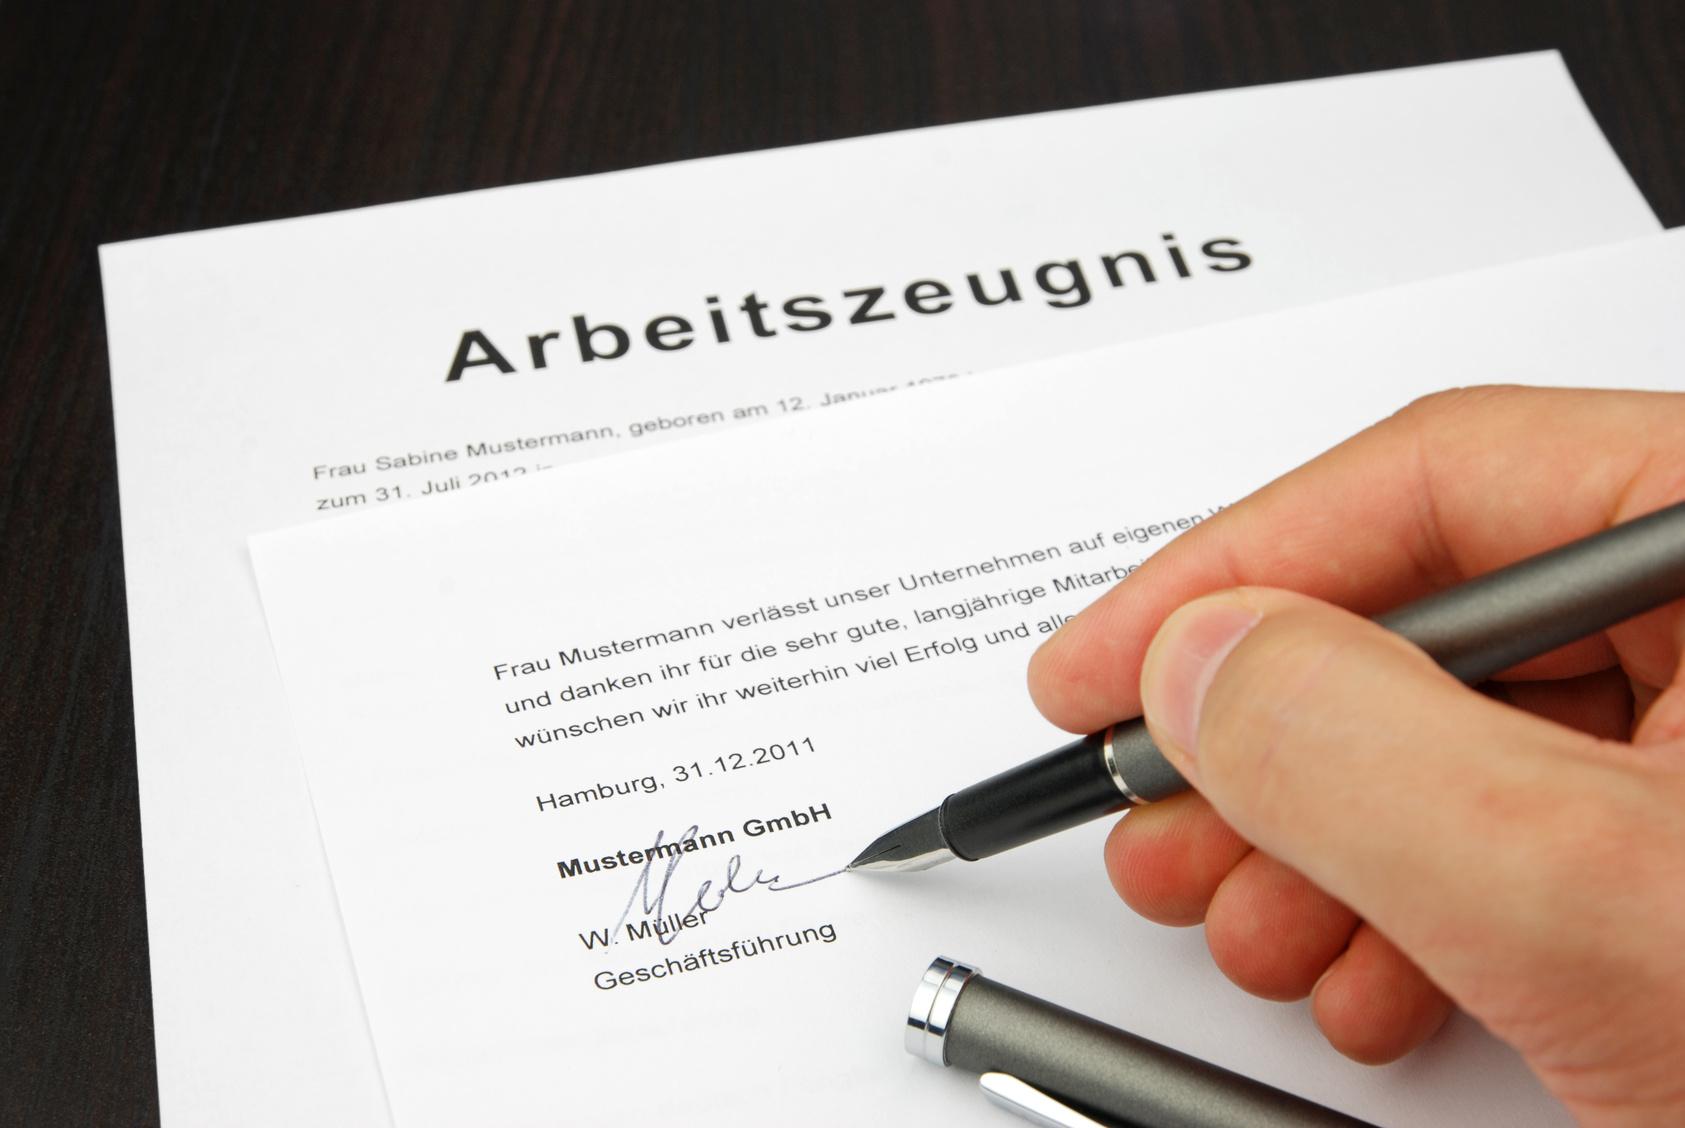 Arbeiszeugnis wird unterzeichnet (Hand sichtbar)